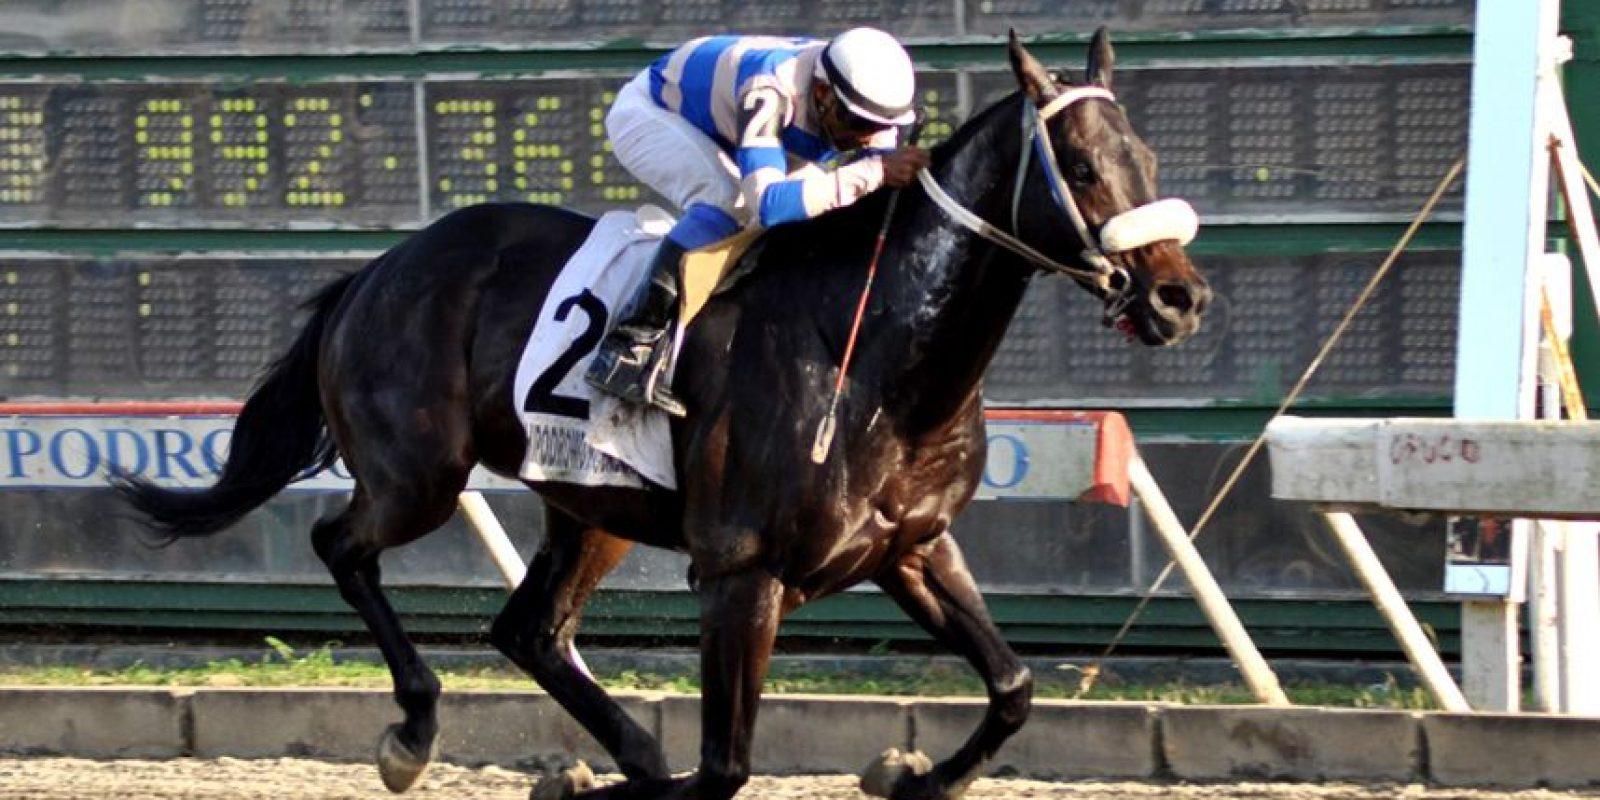 El ejemplar Oso Negro (2) al momento de cruzar la meta en la carrera estelar, la quinta, realizada este martes en el hipódromo V Centenario. Foto:Fuente Externa